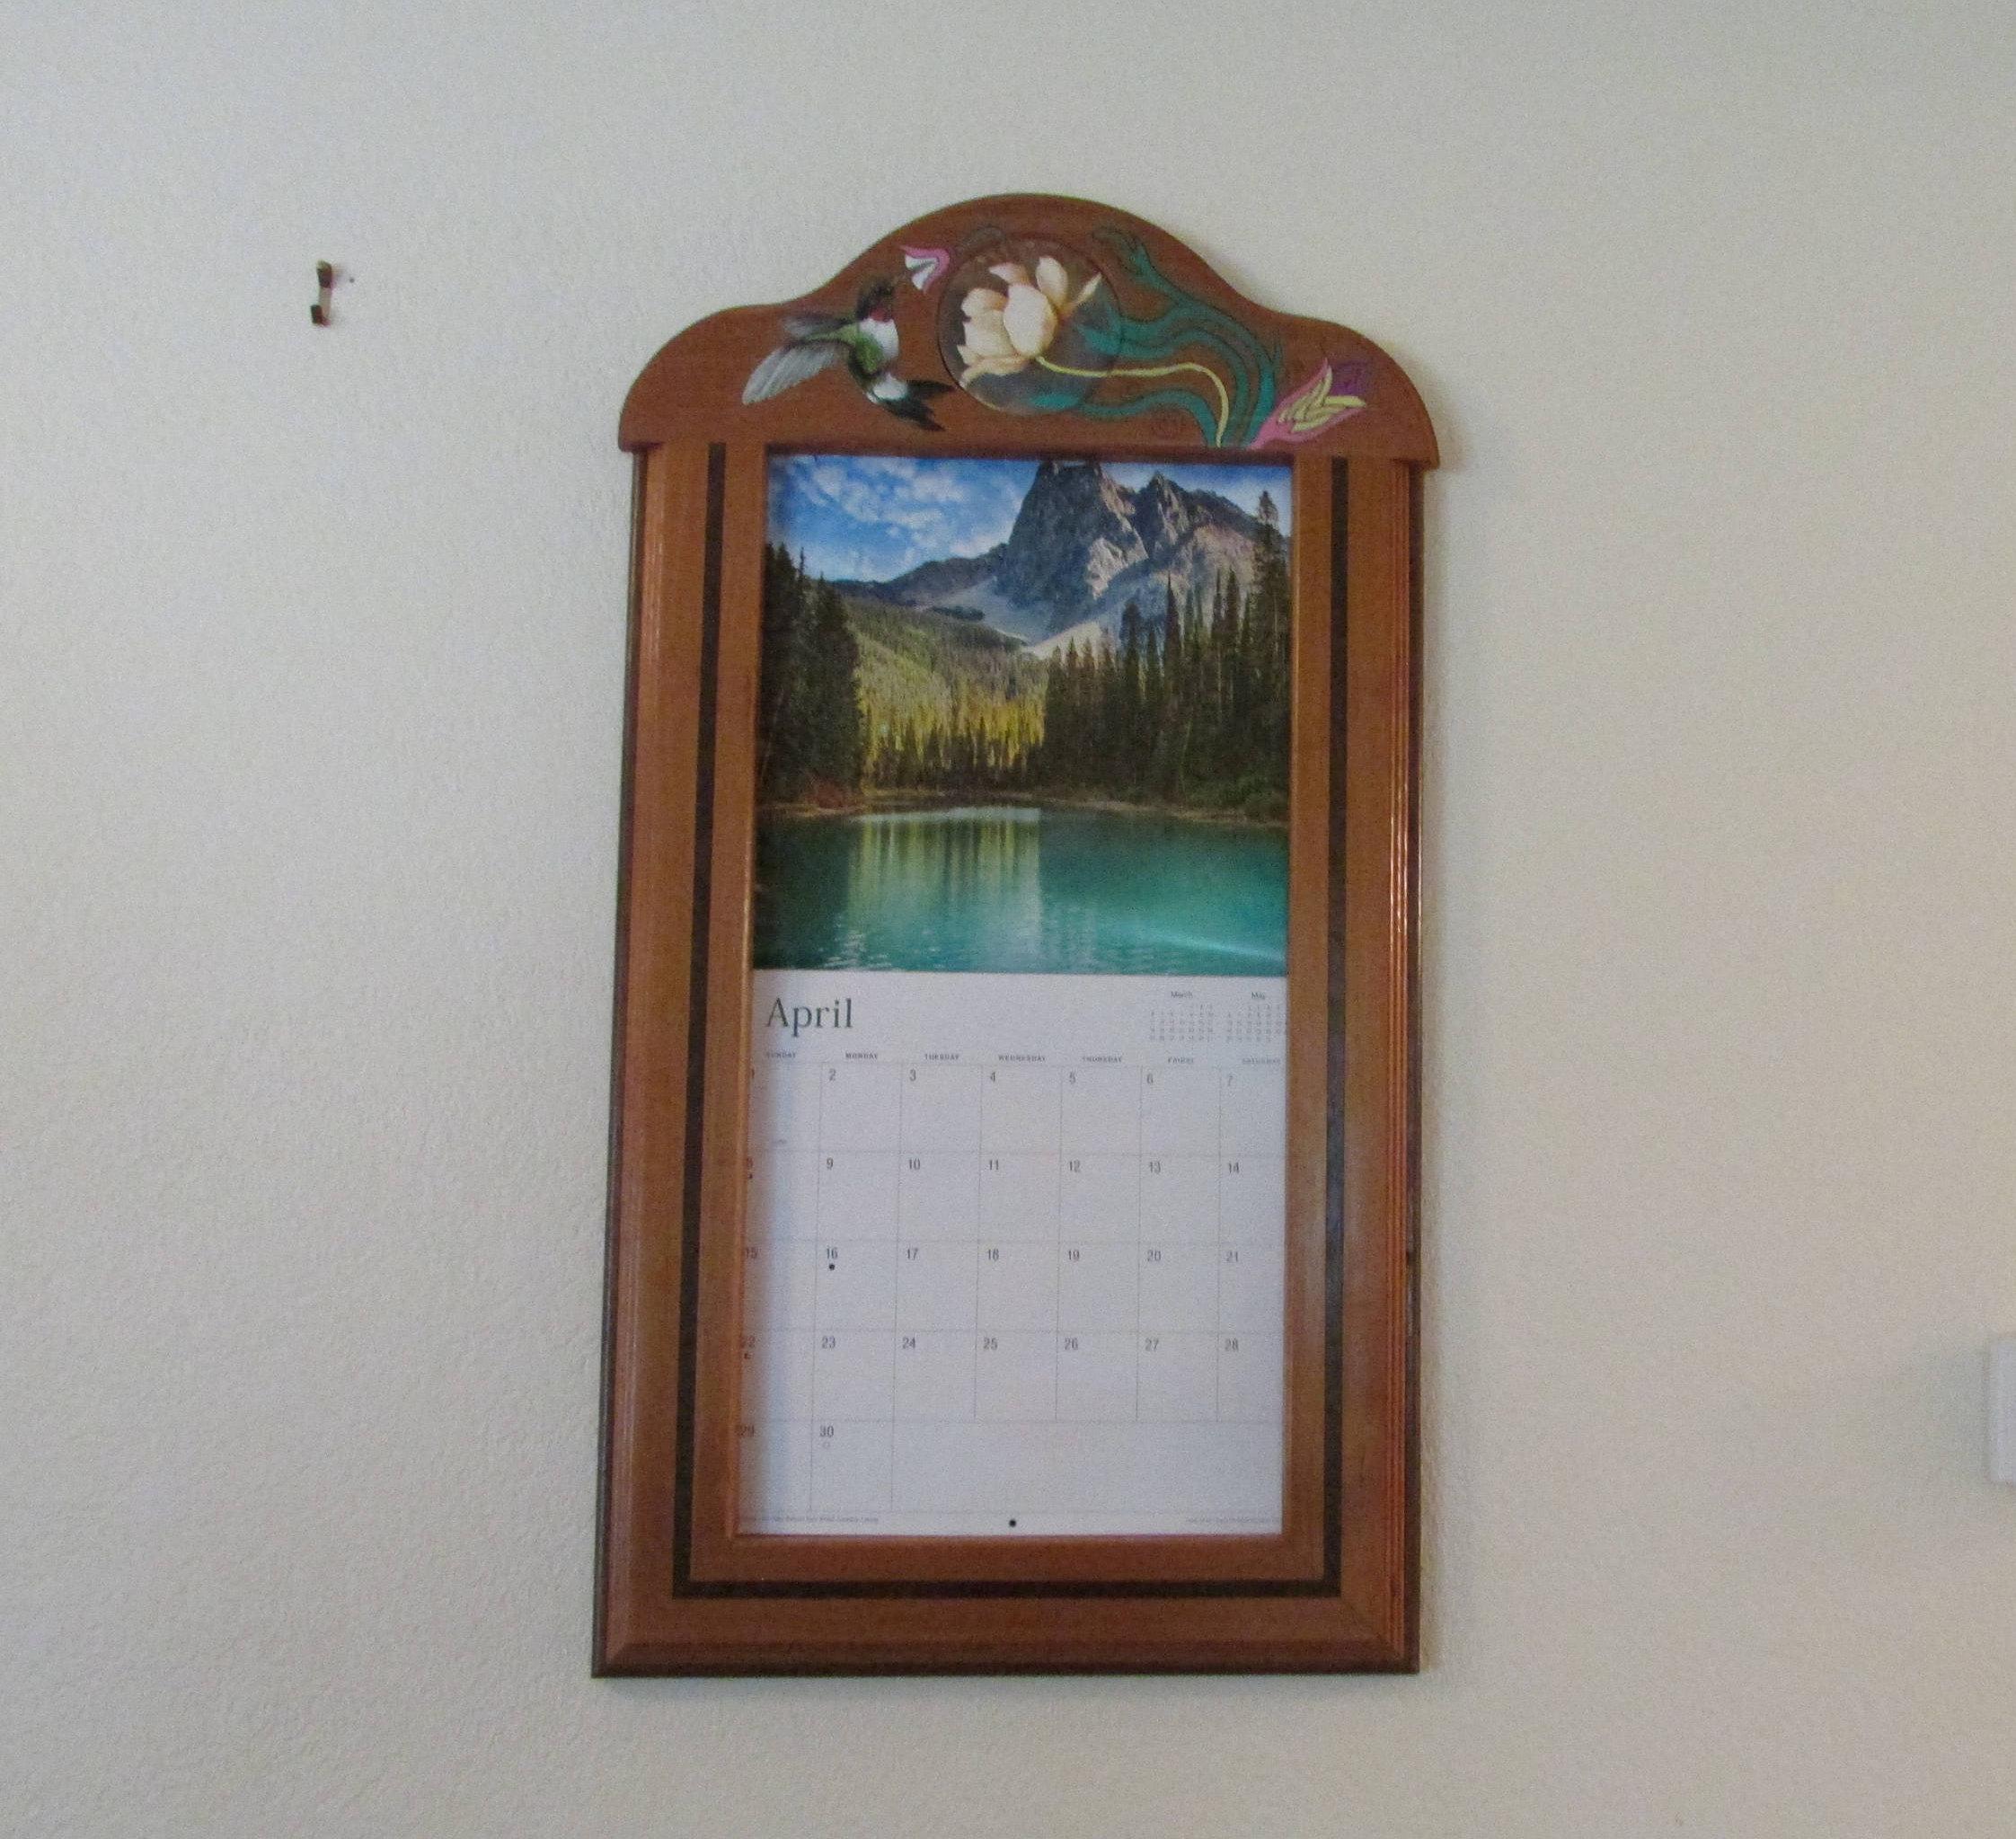 Calendar Frame Calendar Holder Holder For Calendar Framed throughout Calendar Frames And Holders